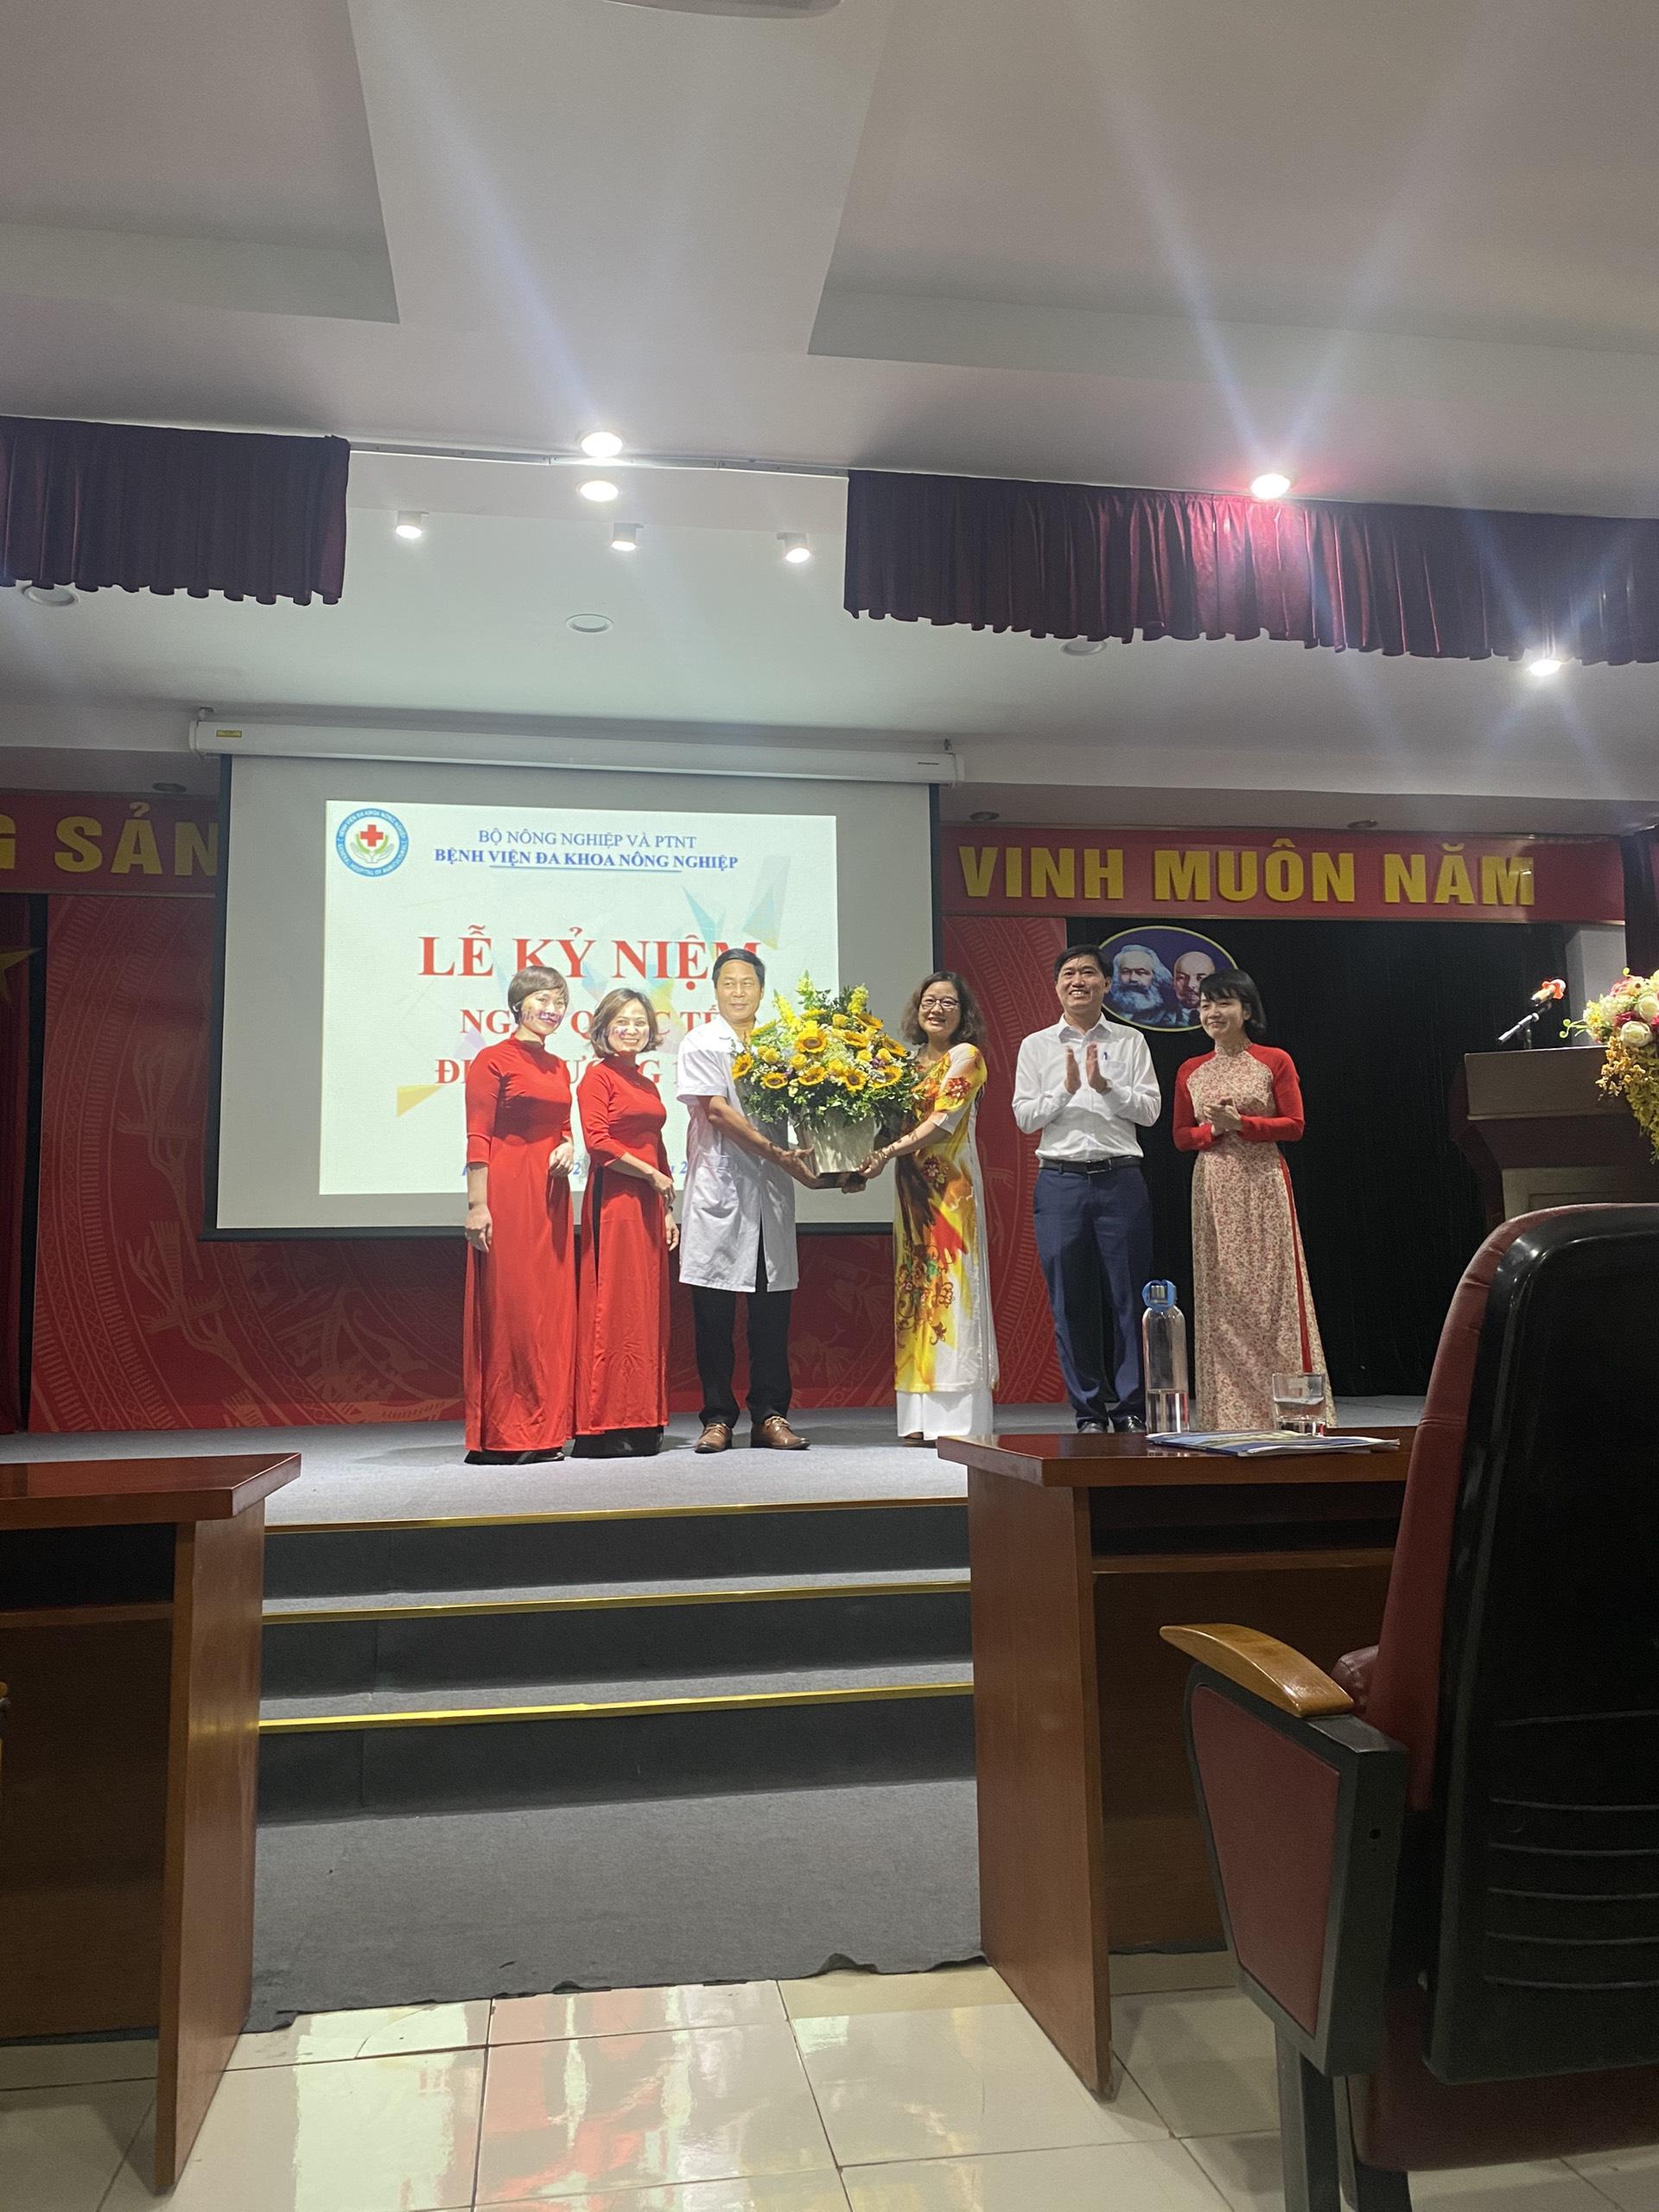 Chi hội điều dưỡng BVĐK Nông nghiệp tổ chức lễ kỷ niệm ngày quốc tế điều dưỡng 12/05 và kỷ niệm 30 năm thành lập Hội điều dưỡng Việt Nam